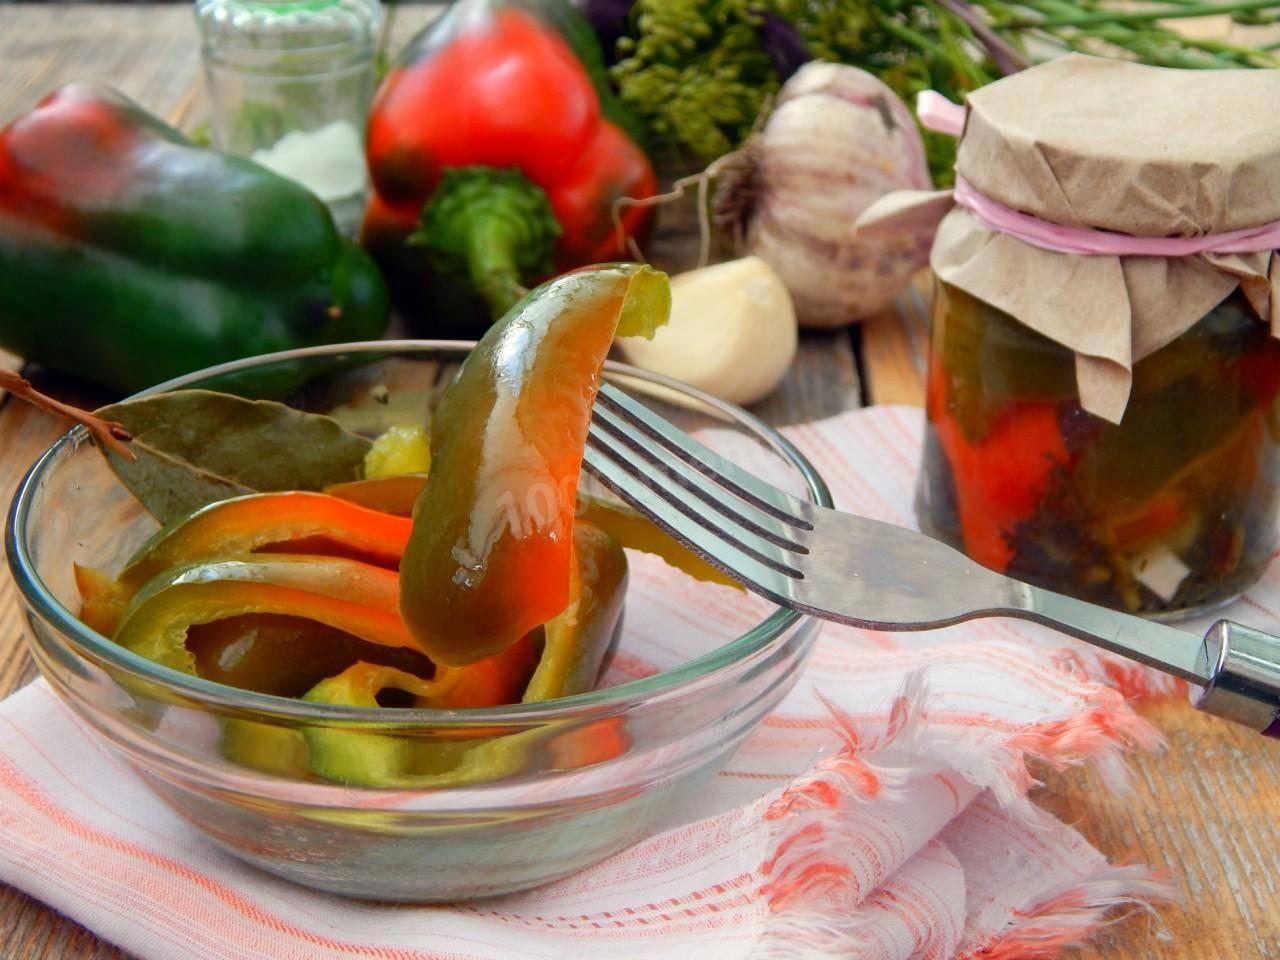 Рецепт фаршированного перца по болгарски, по венгерски, с овощами в маринаде